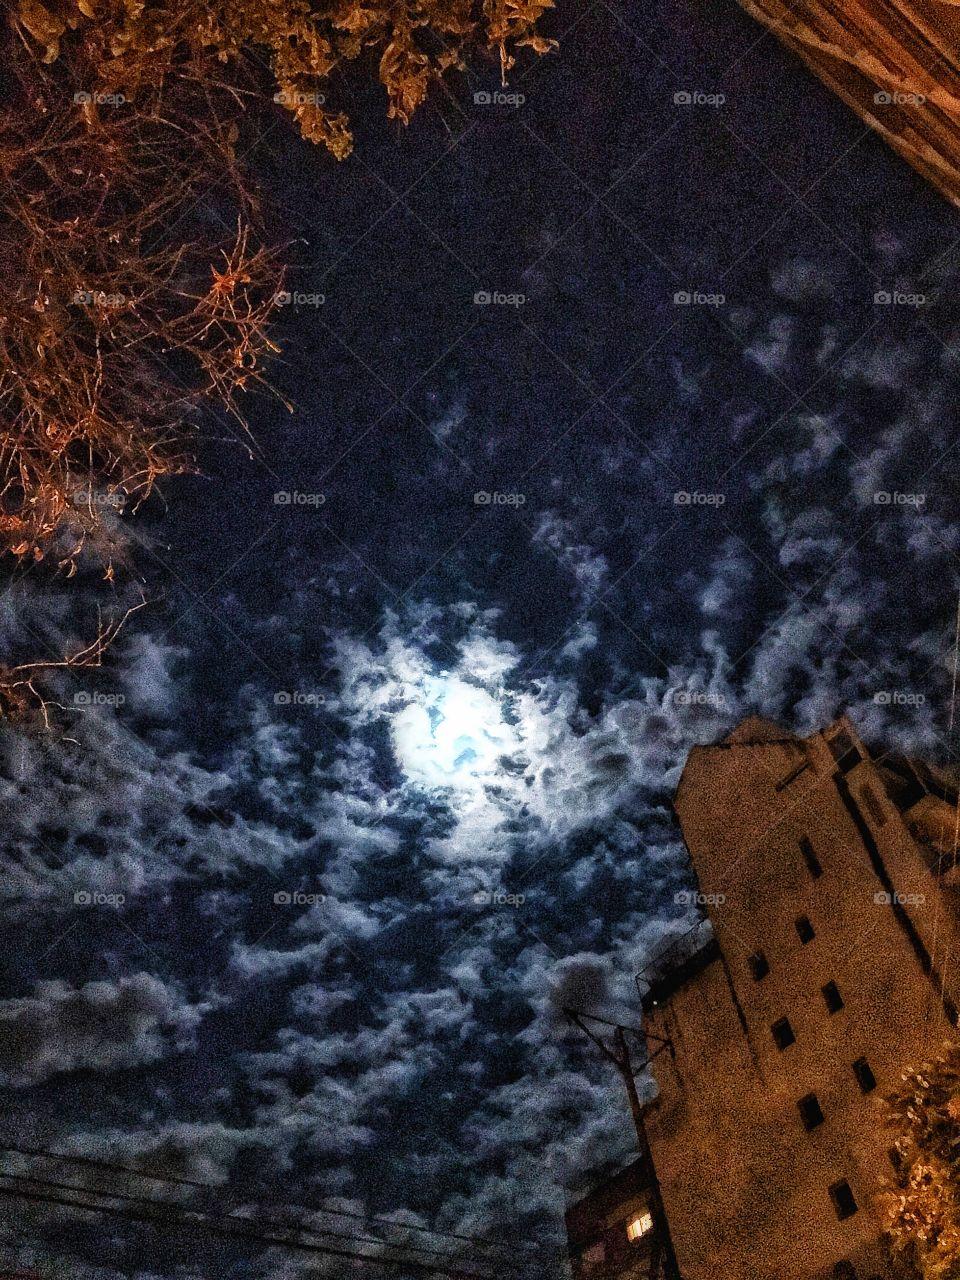 La luna llena cubierta de nubes en la noche de anoche. La misma presagiaba una lluvia que finalmente sucedió